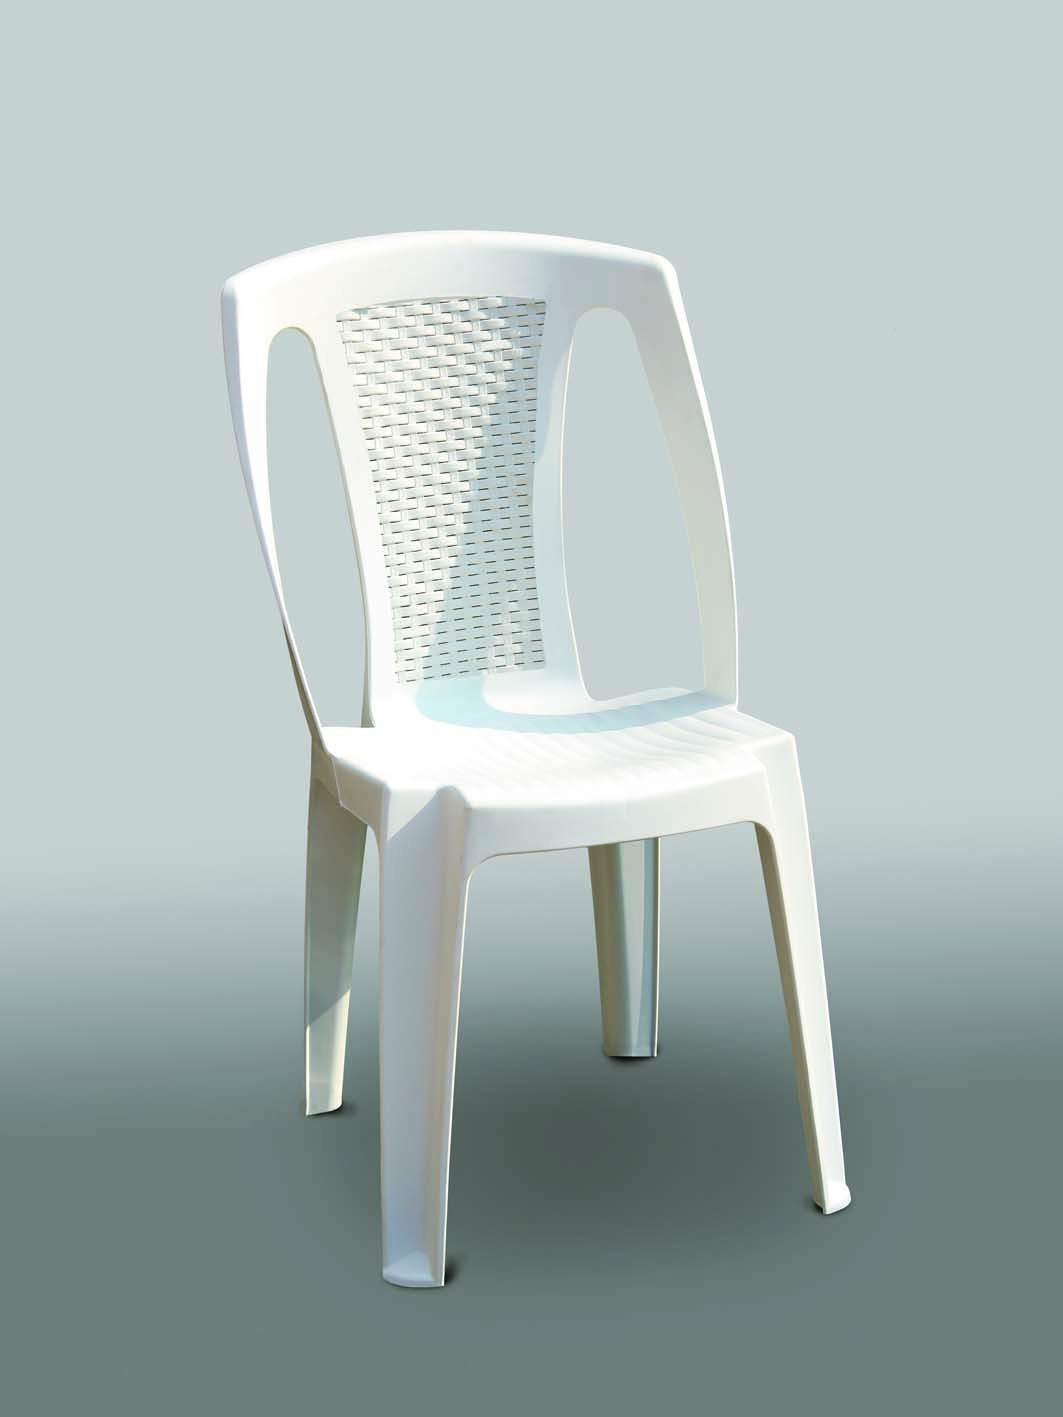 Comment Nettoyer Des Chaises En Plastique Blanc chaise bistrot procida blanc